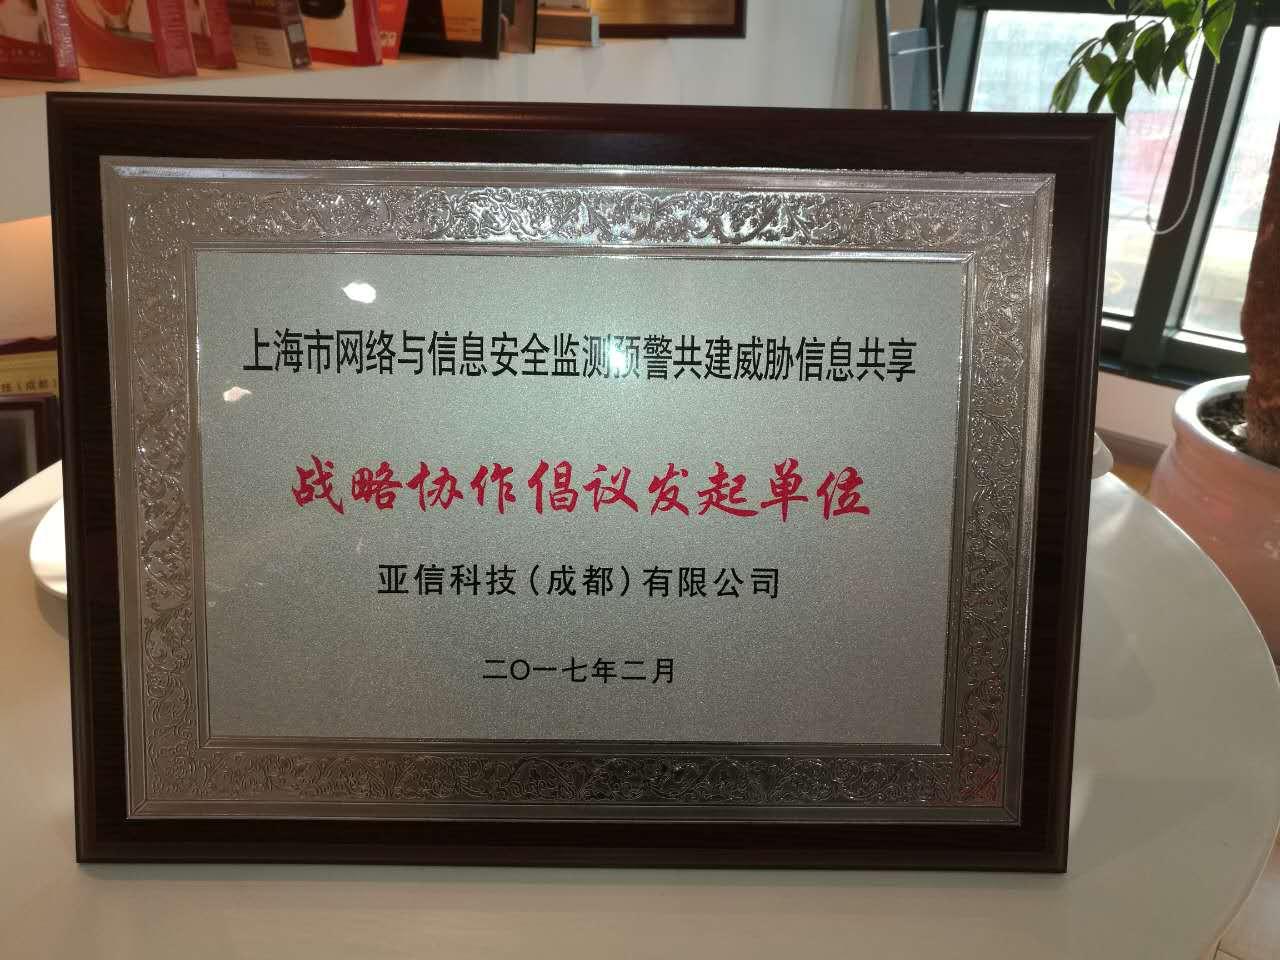 亚信安全成为 上海网络与信息安全监测预警平台 首批发起单位